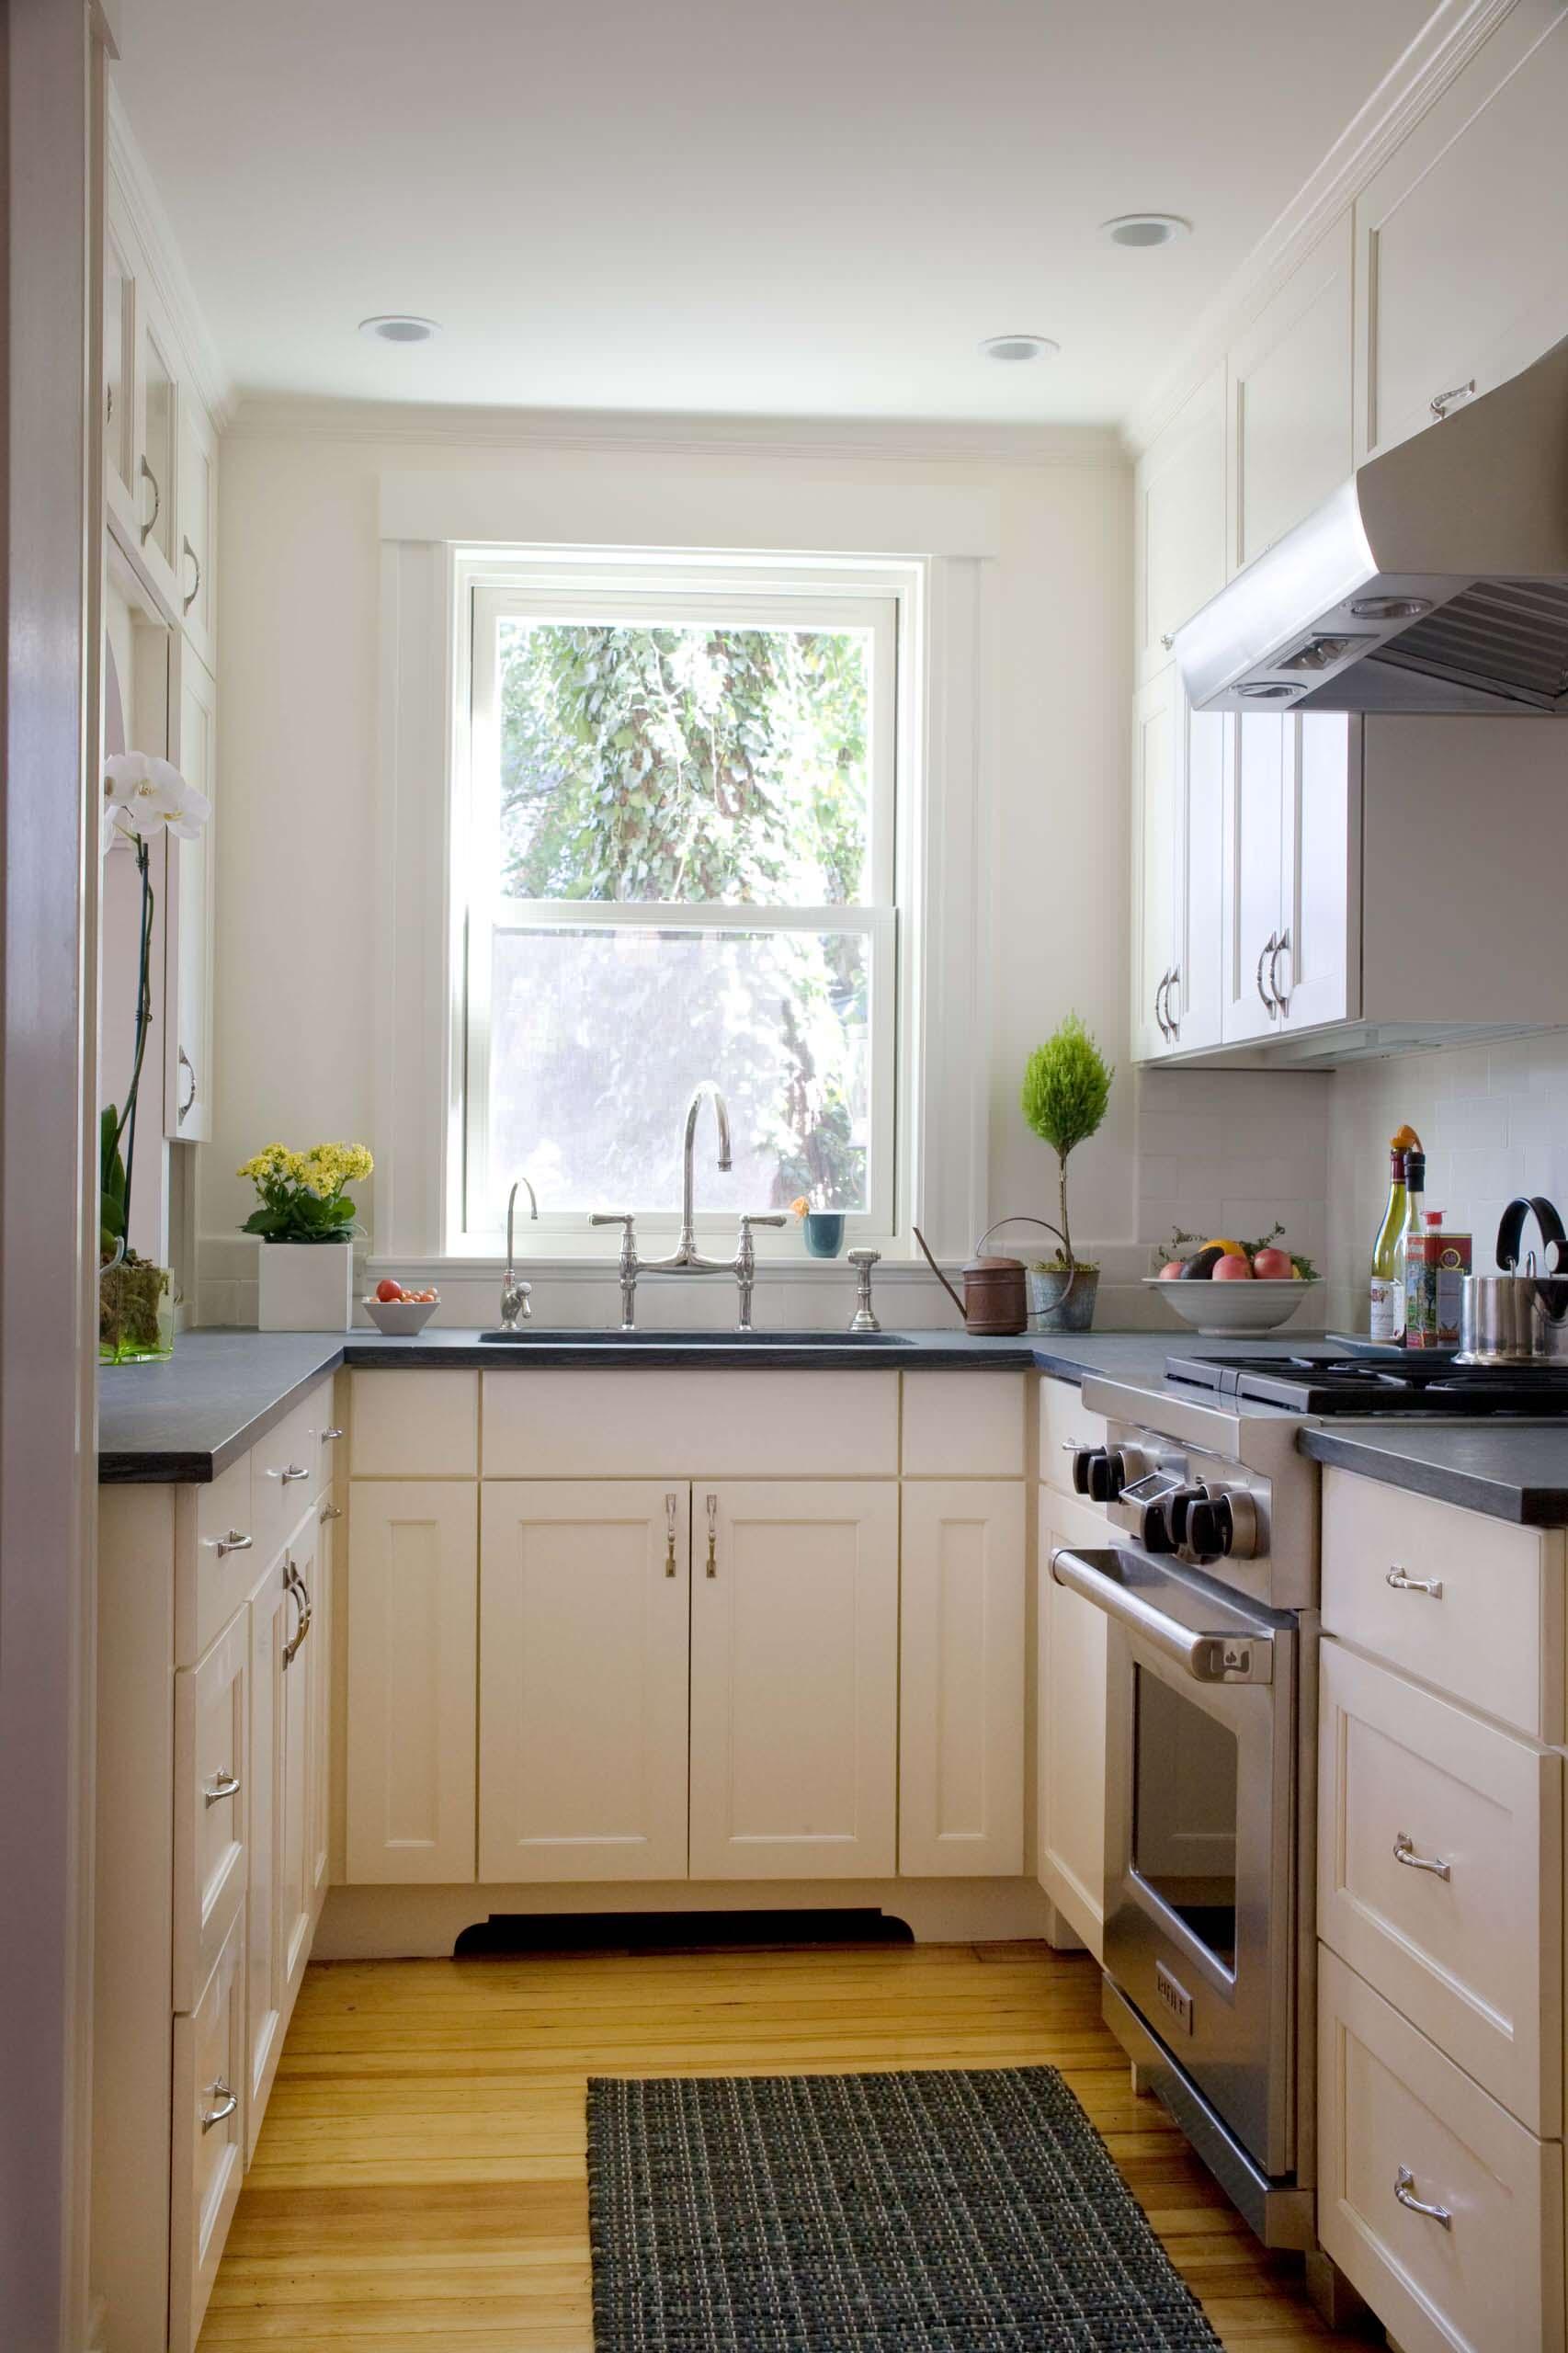 преимущества п-образной кухни